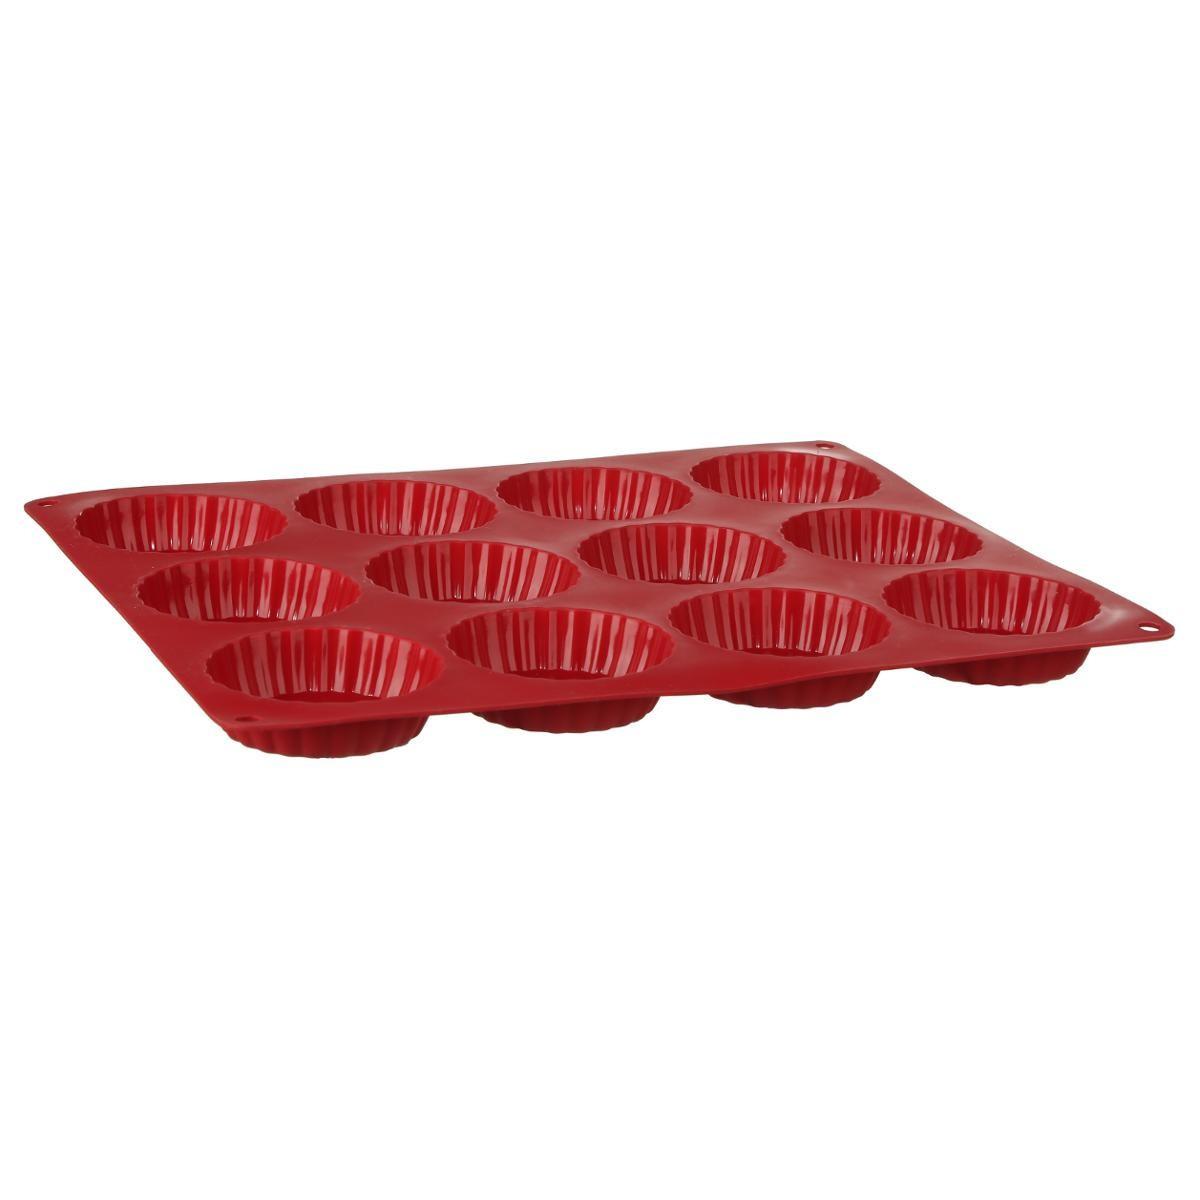 Moule A Tartelette Professionnel moule à 12 tartelettes en silicone professionnel - rouge